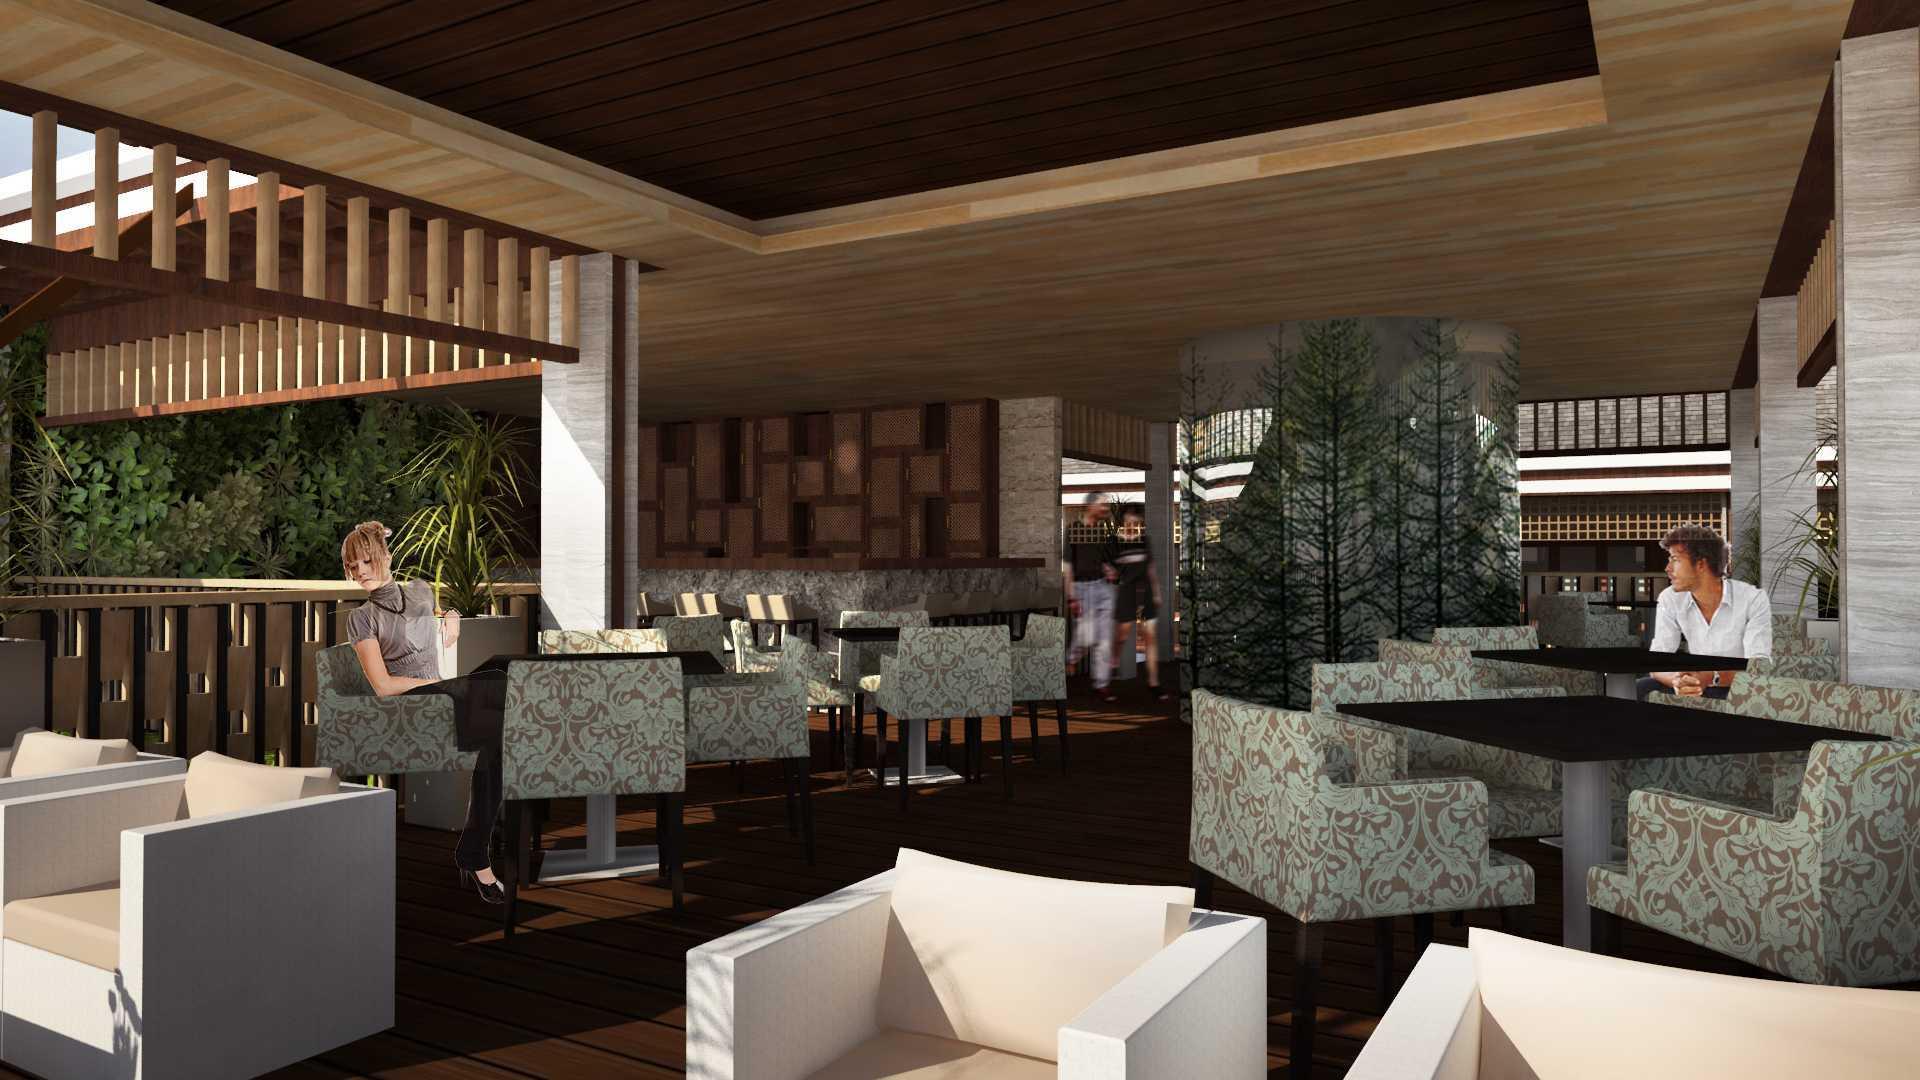 Alima Studio Bharata Hotel Solo, Central Java, Indonesia Solo, Central Java, Indonesia Dining Area Tradisional  21307